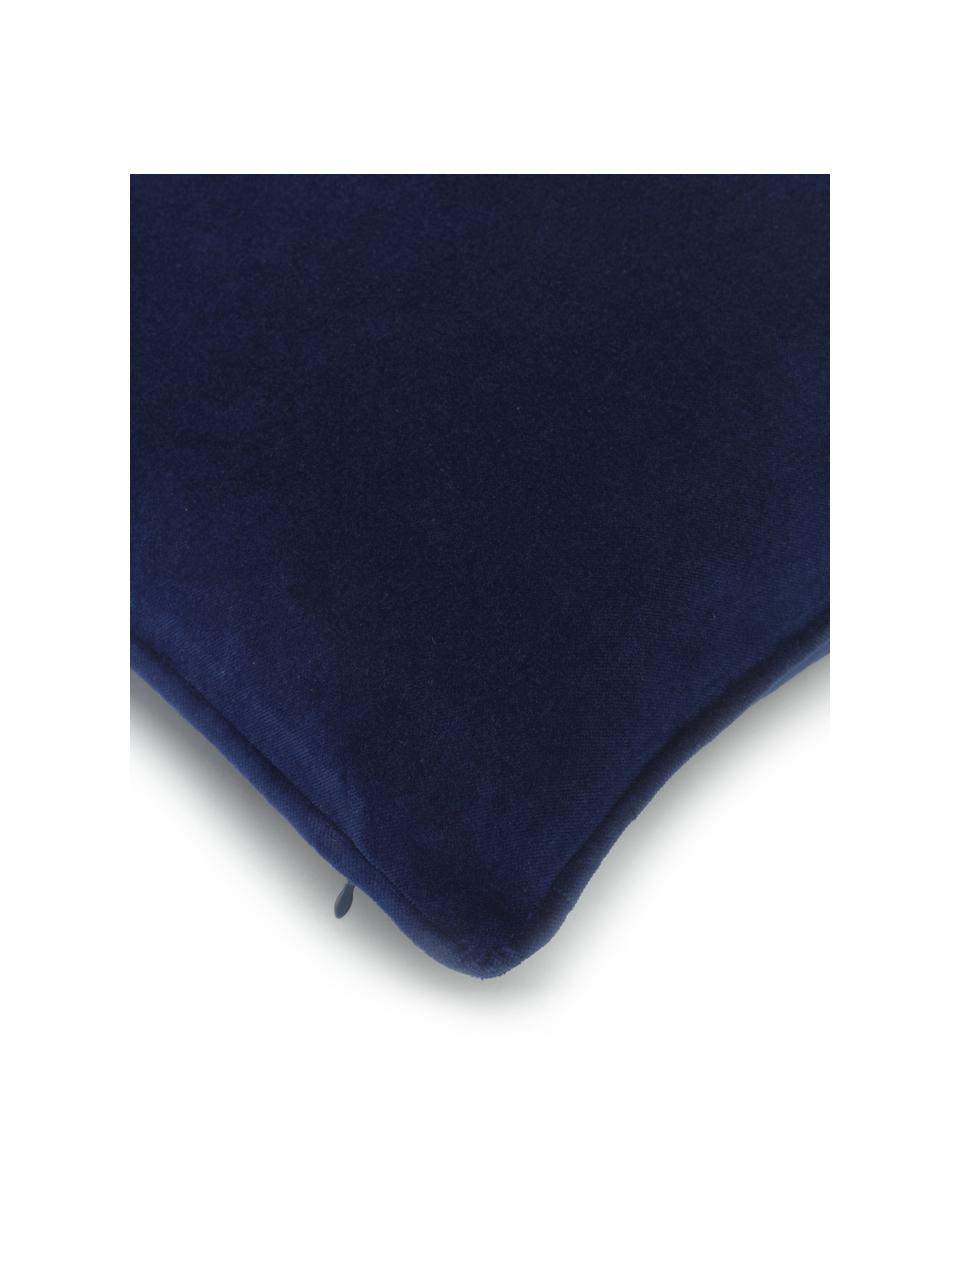 Housse de coussin velours bleu marine Dana, Bleu marine